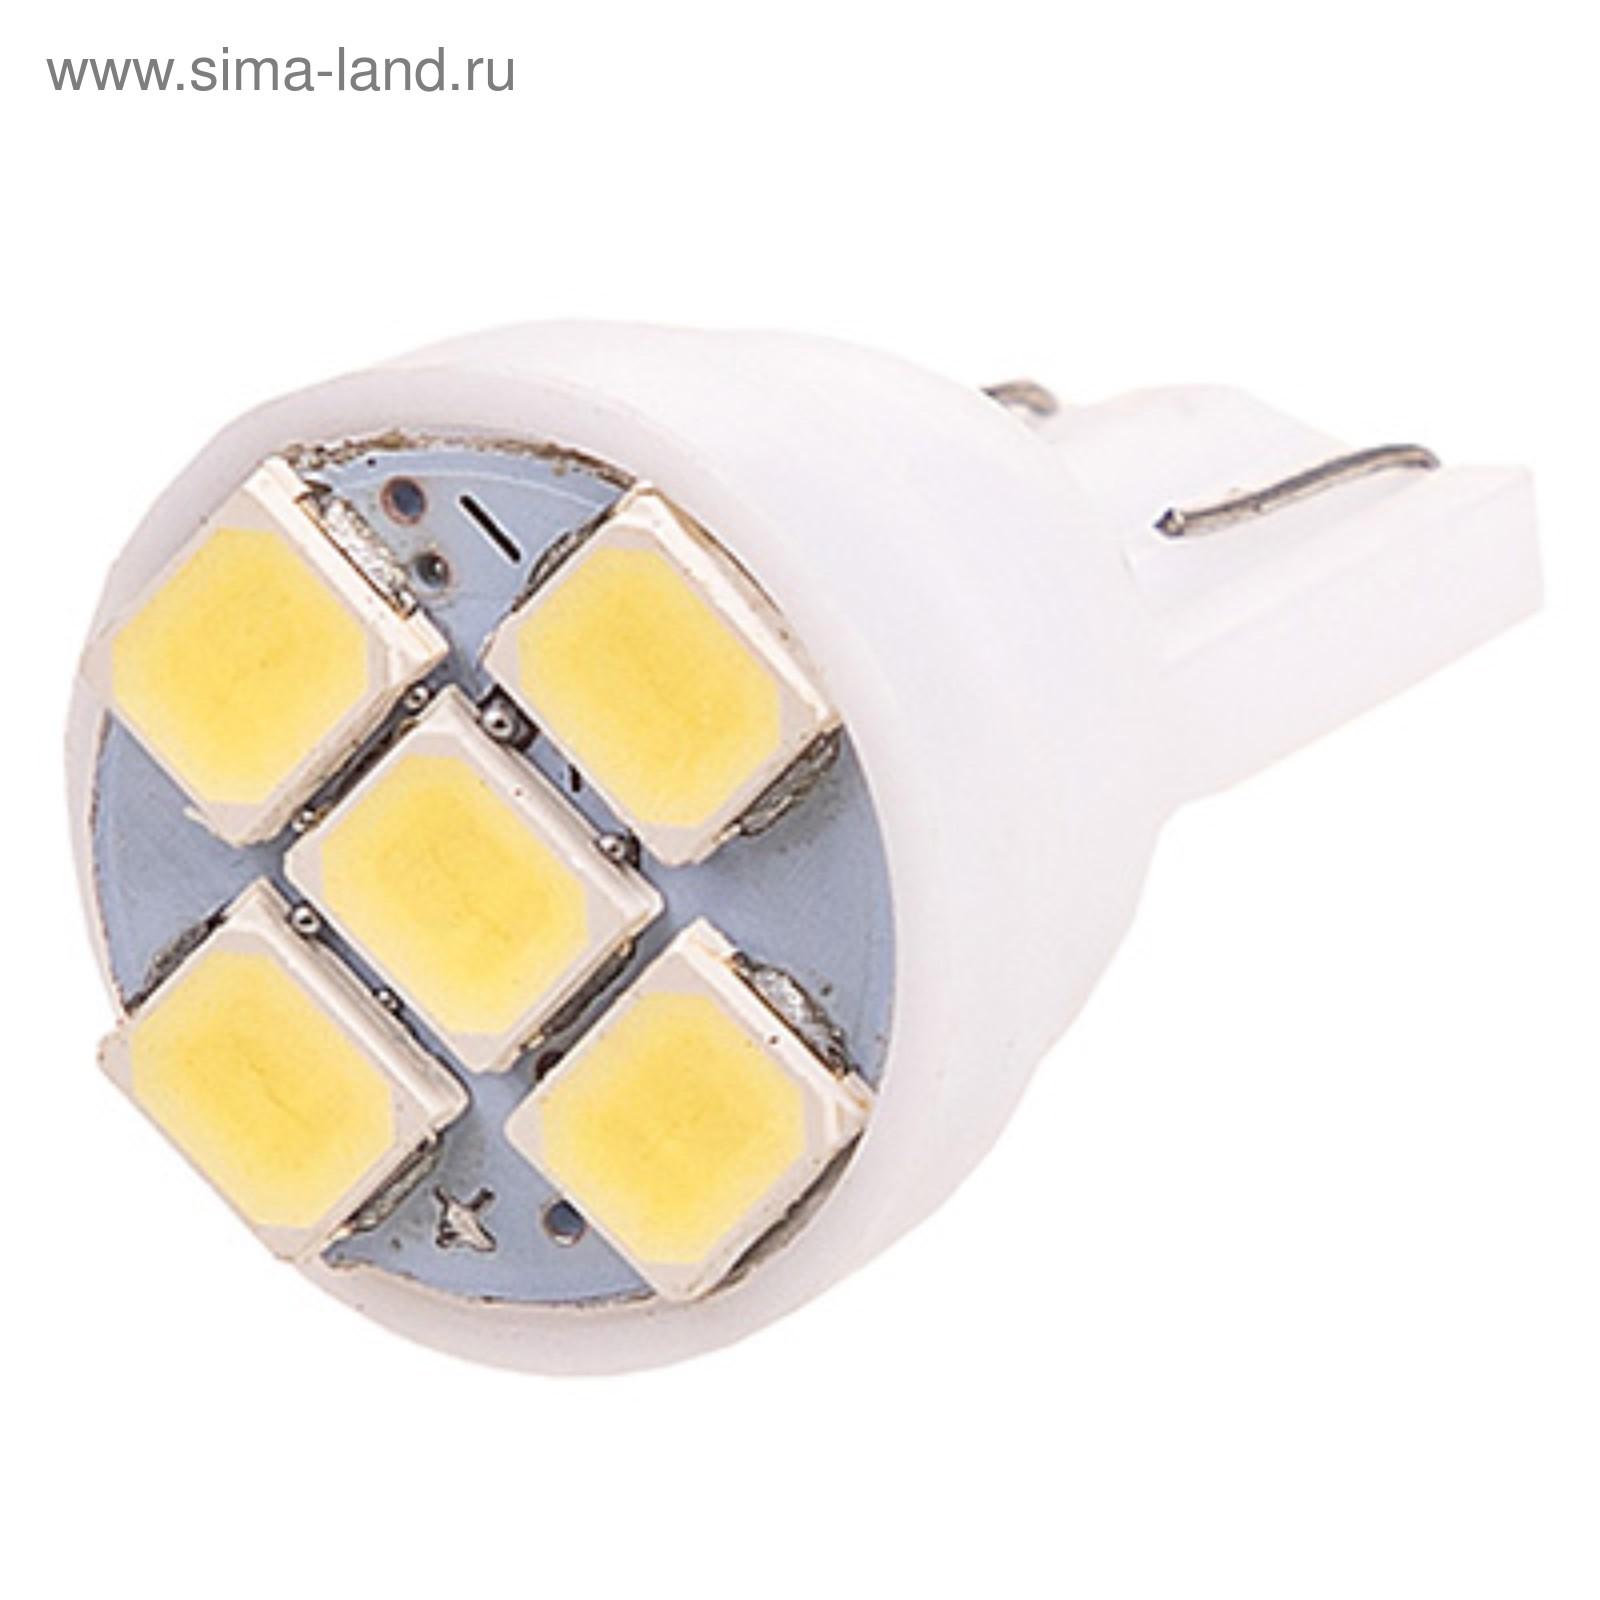 кто превосходит диодные габаритные лампы фото материалы